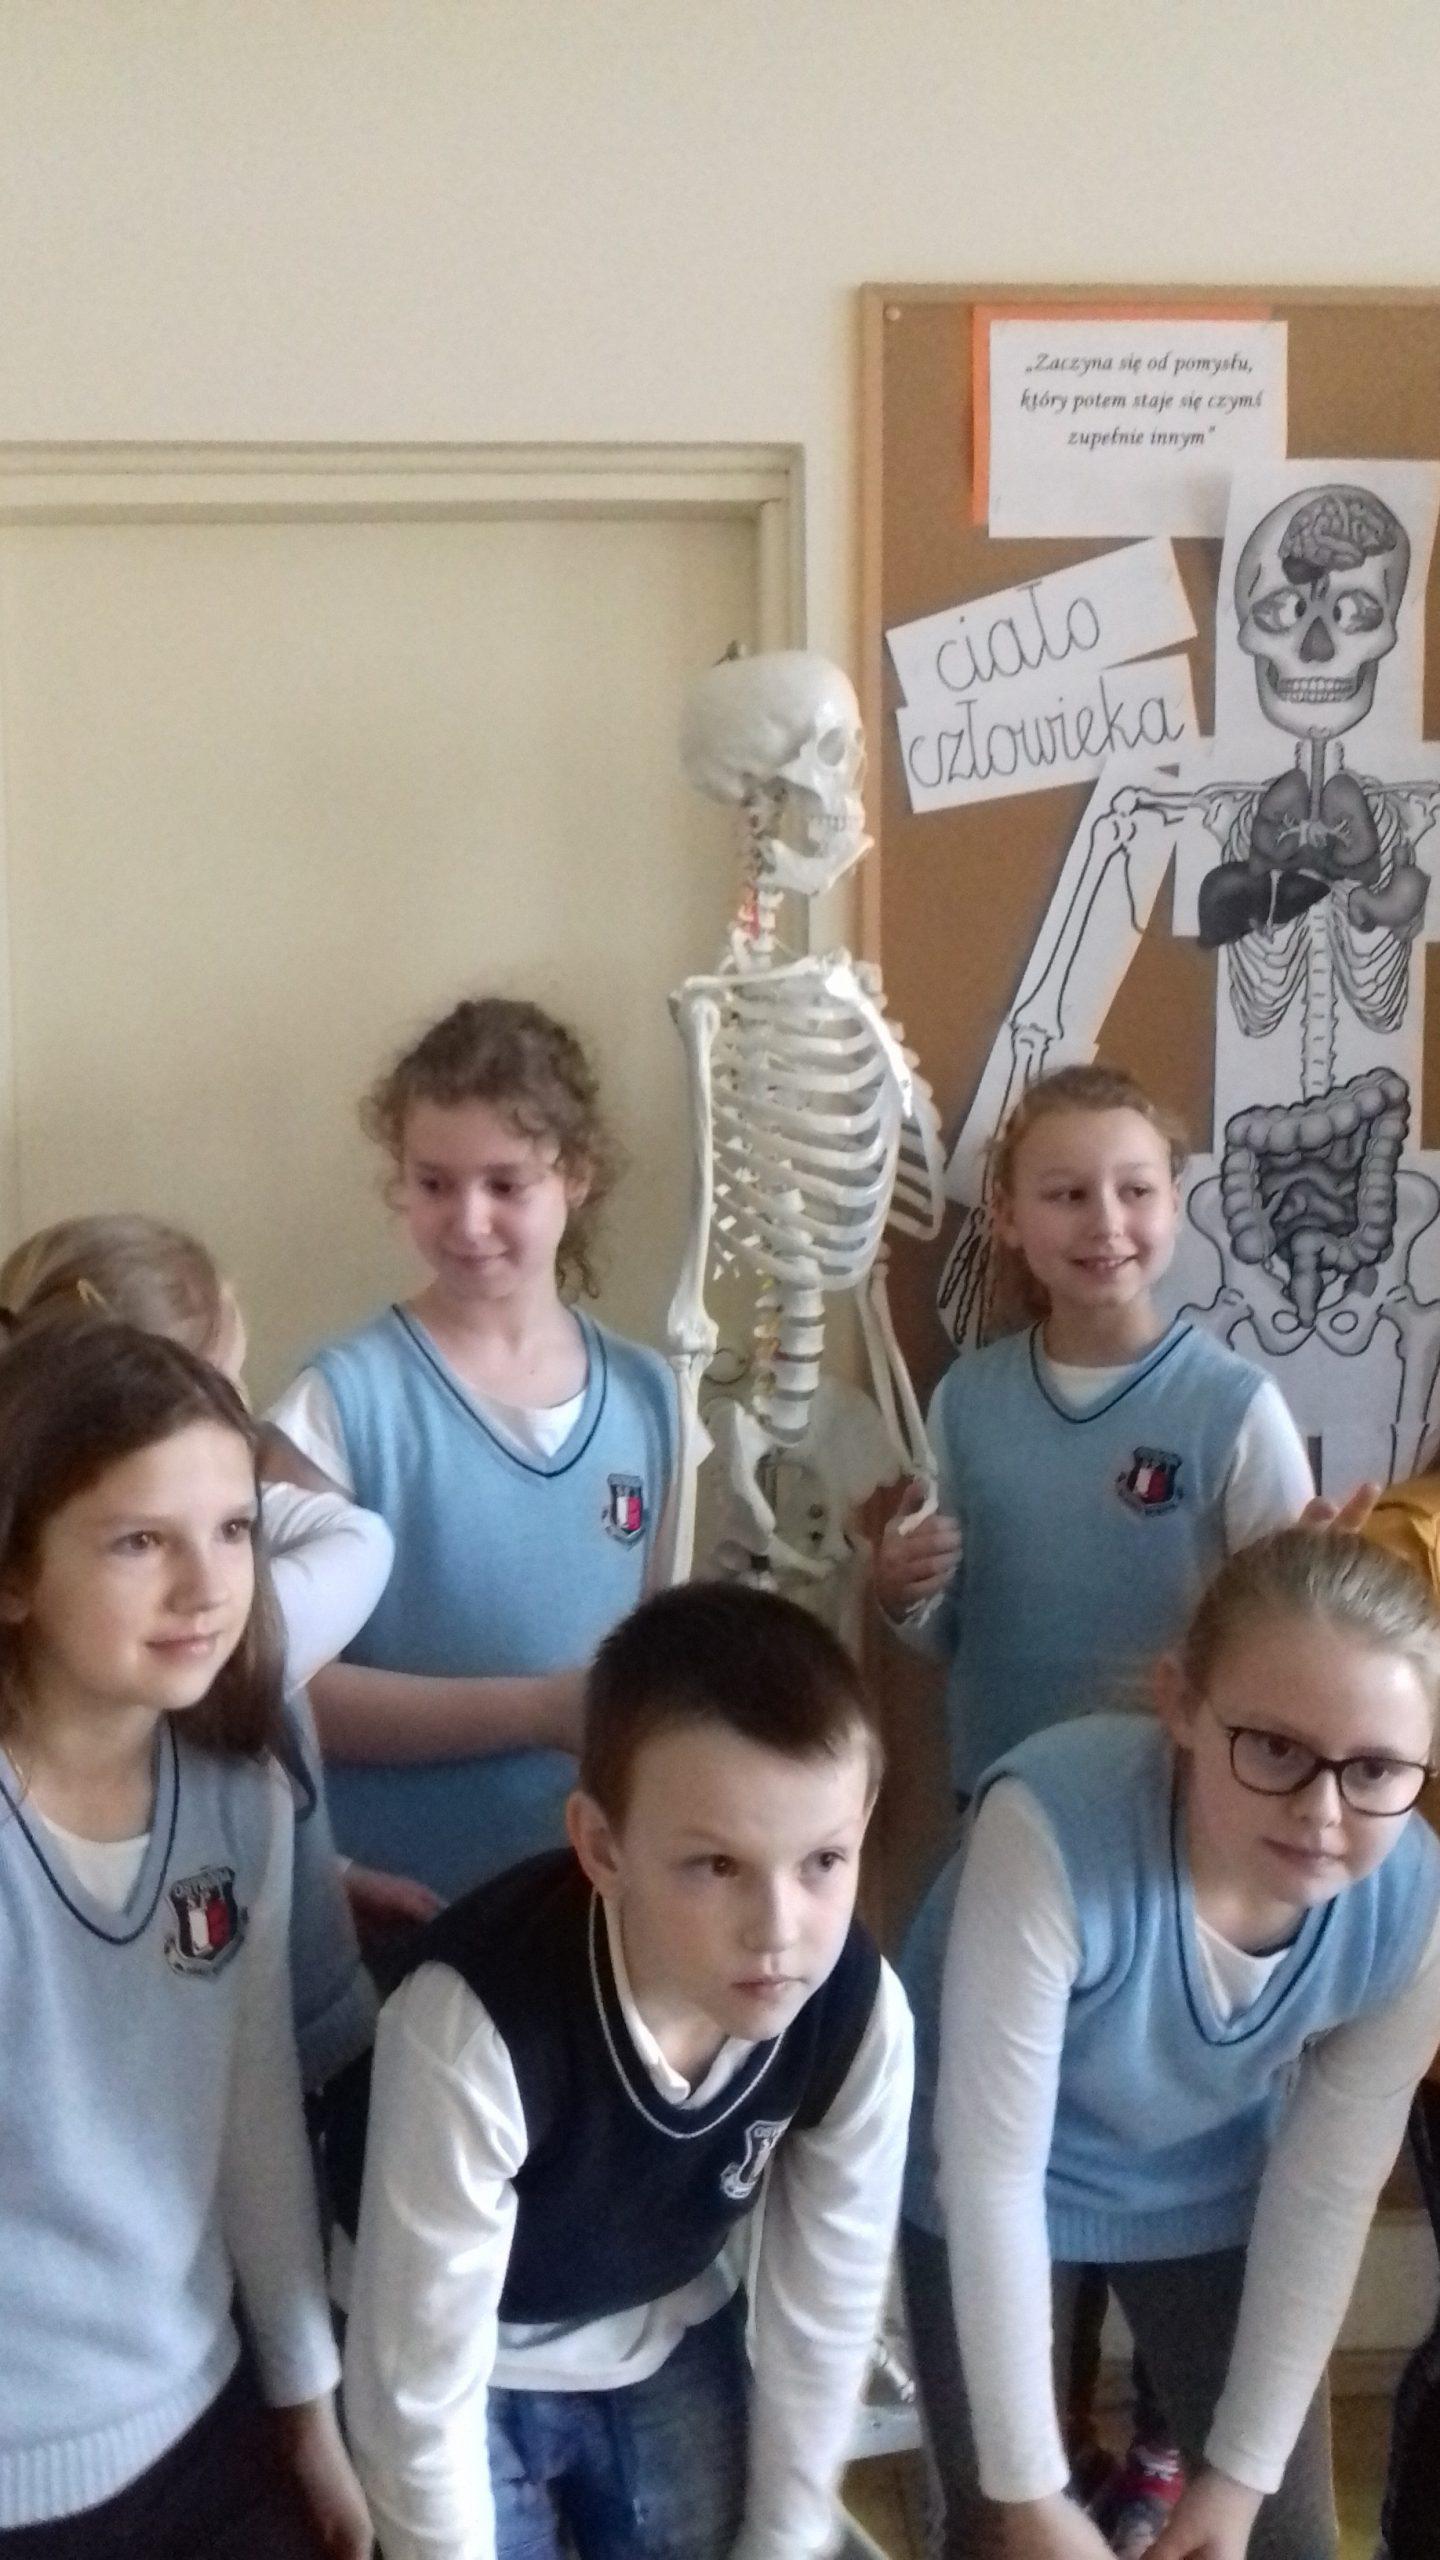 Edukacja przyrodnicza wklasie 3B – ciało człowieka